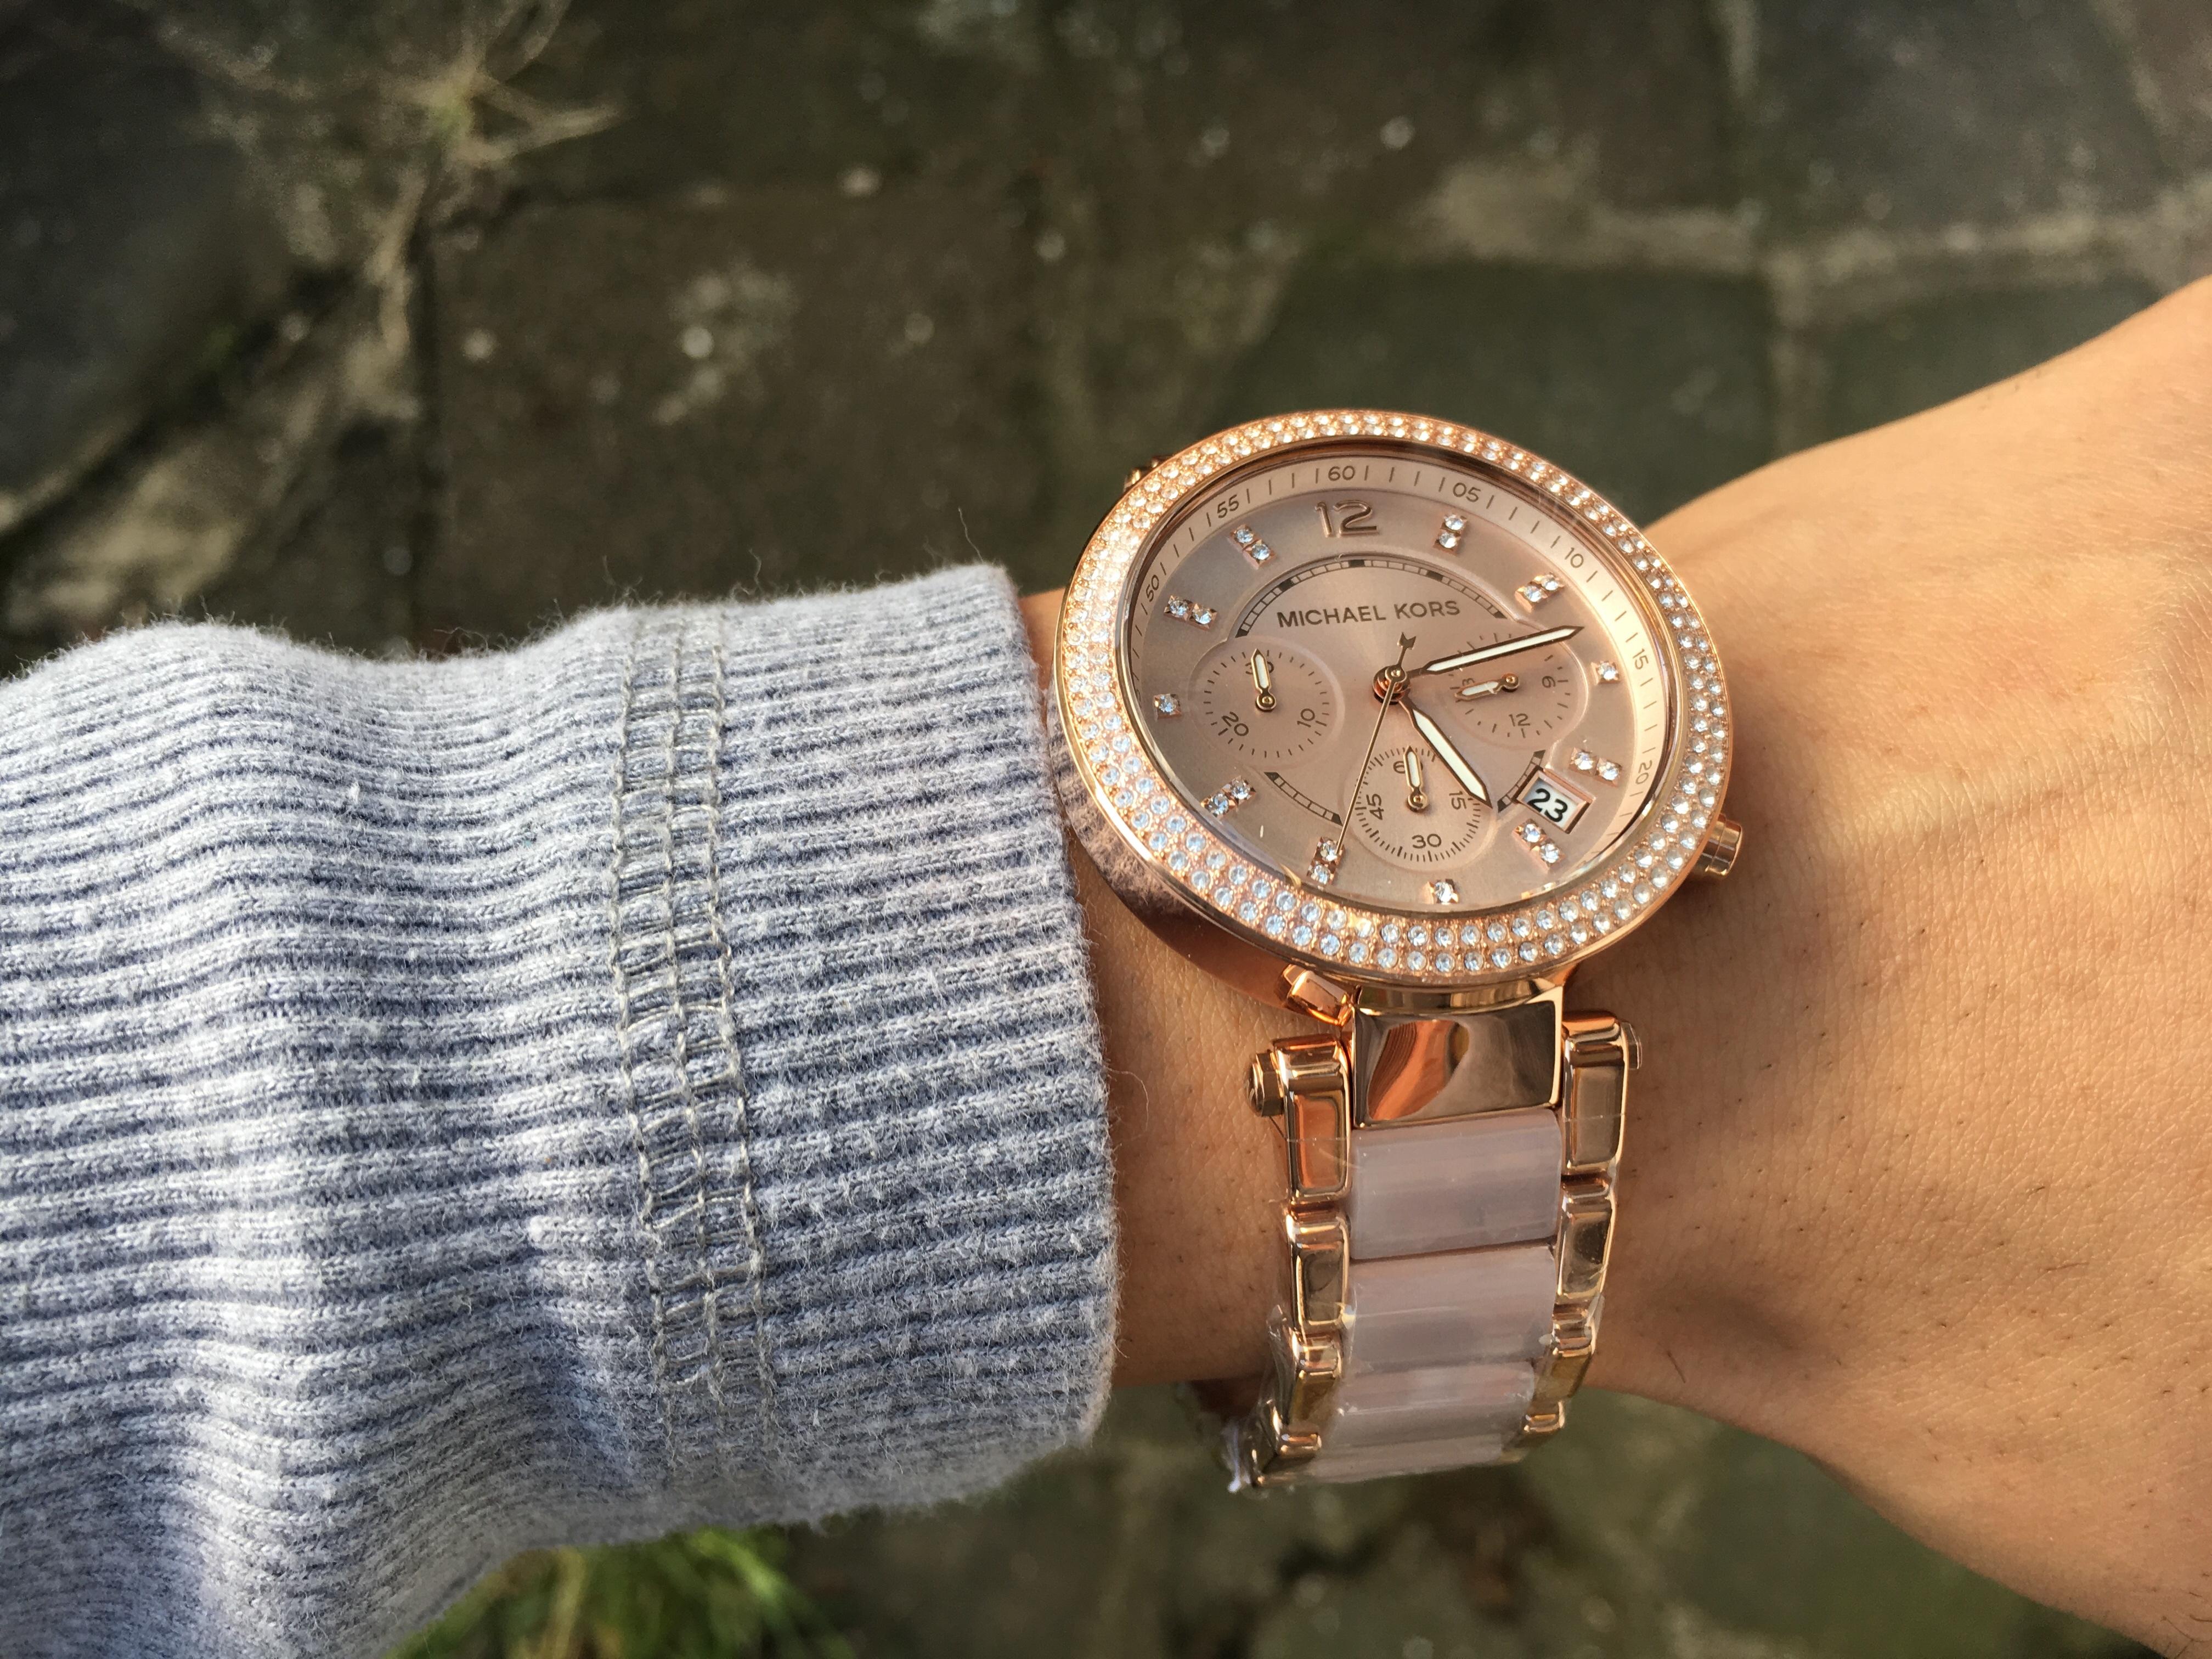 orologi da donna michael kors, orologi da polso